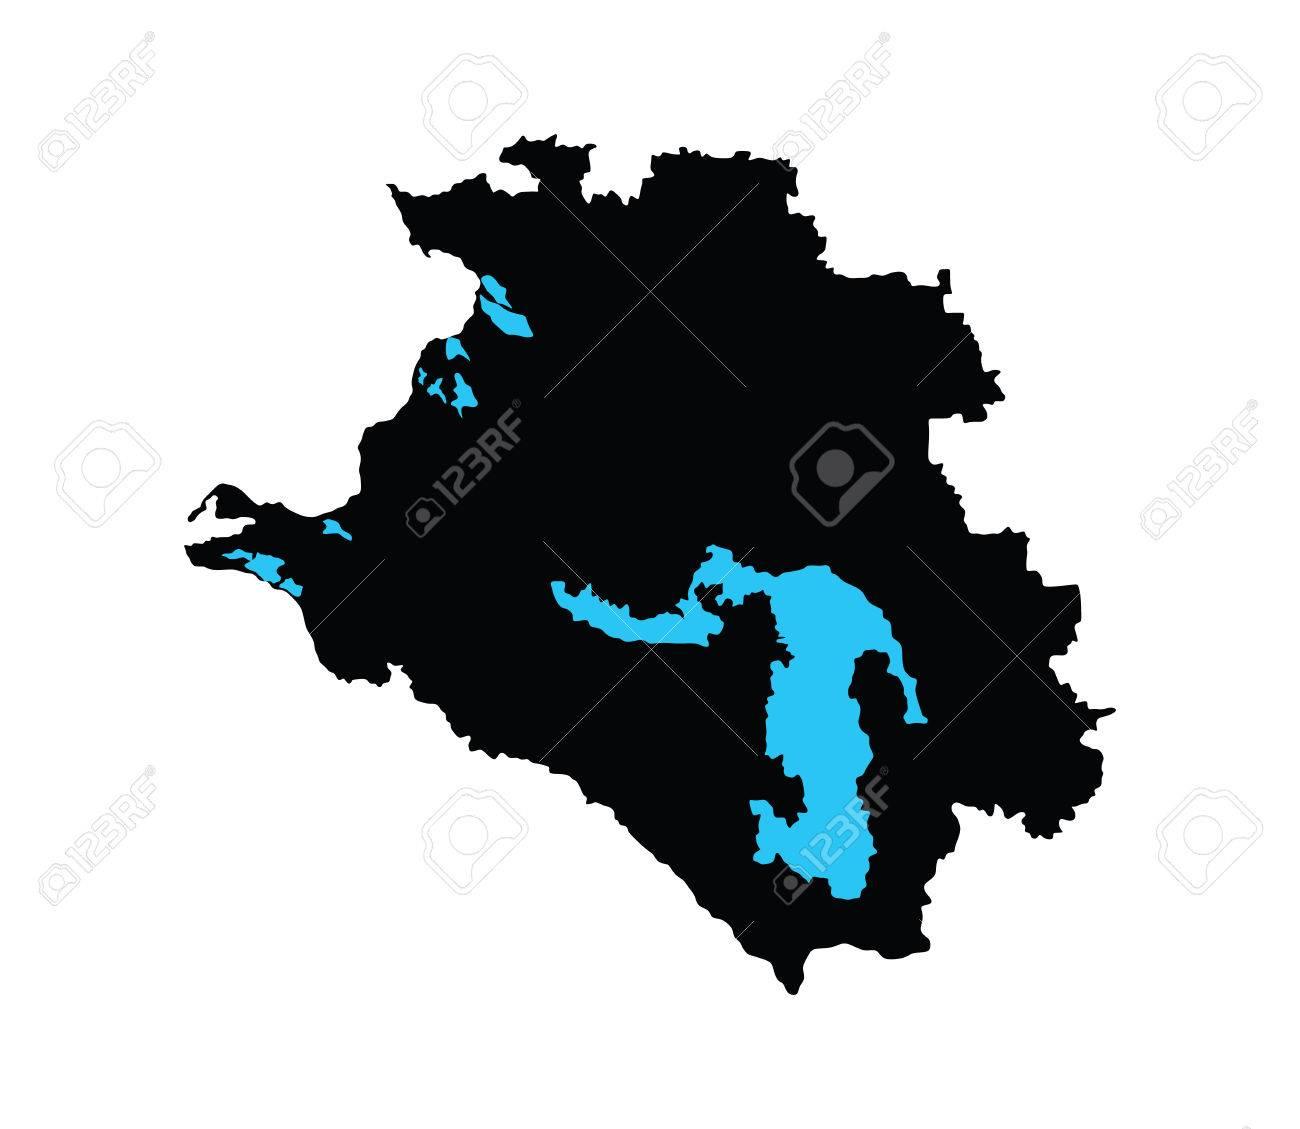 Krasnodar Krai Vektor Karte Auf Weissem Hintergrund Hohe